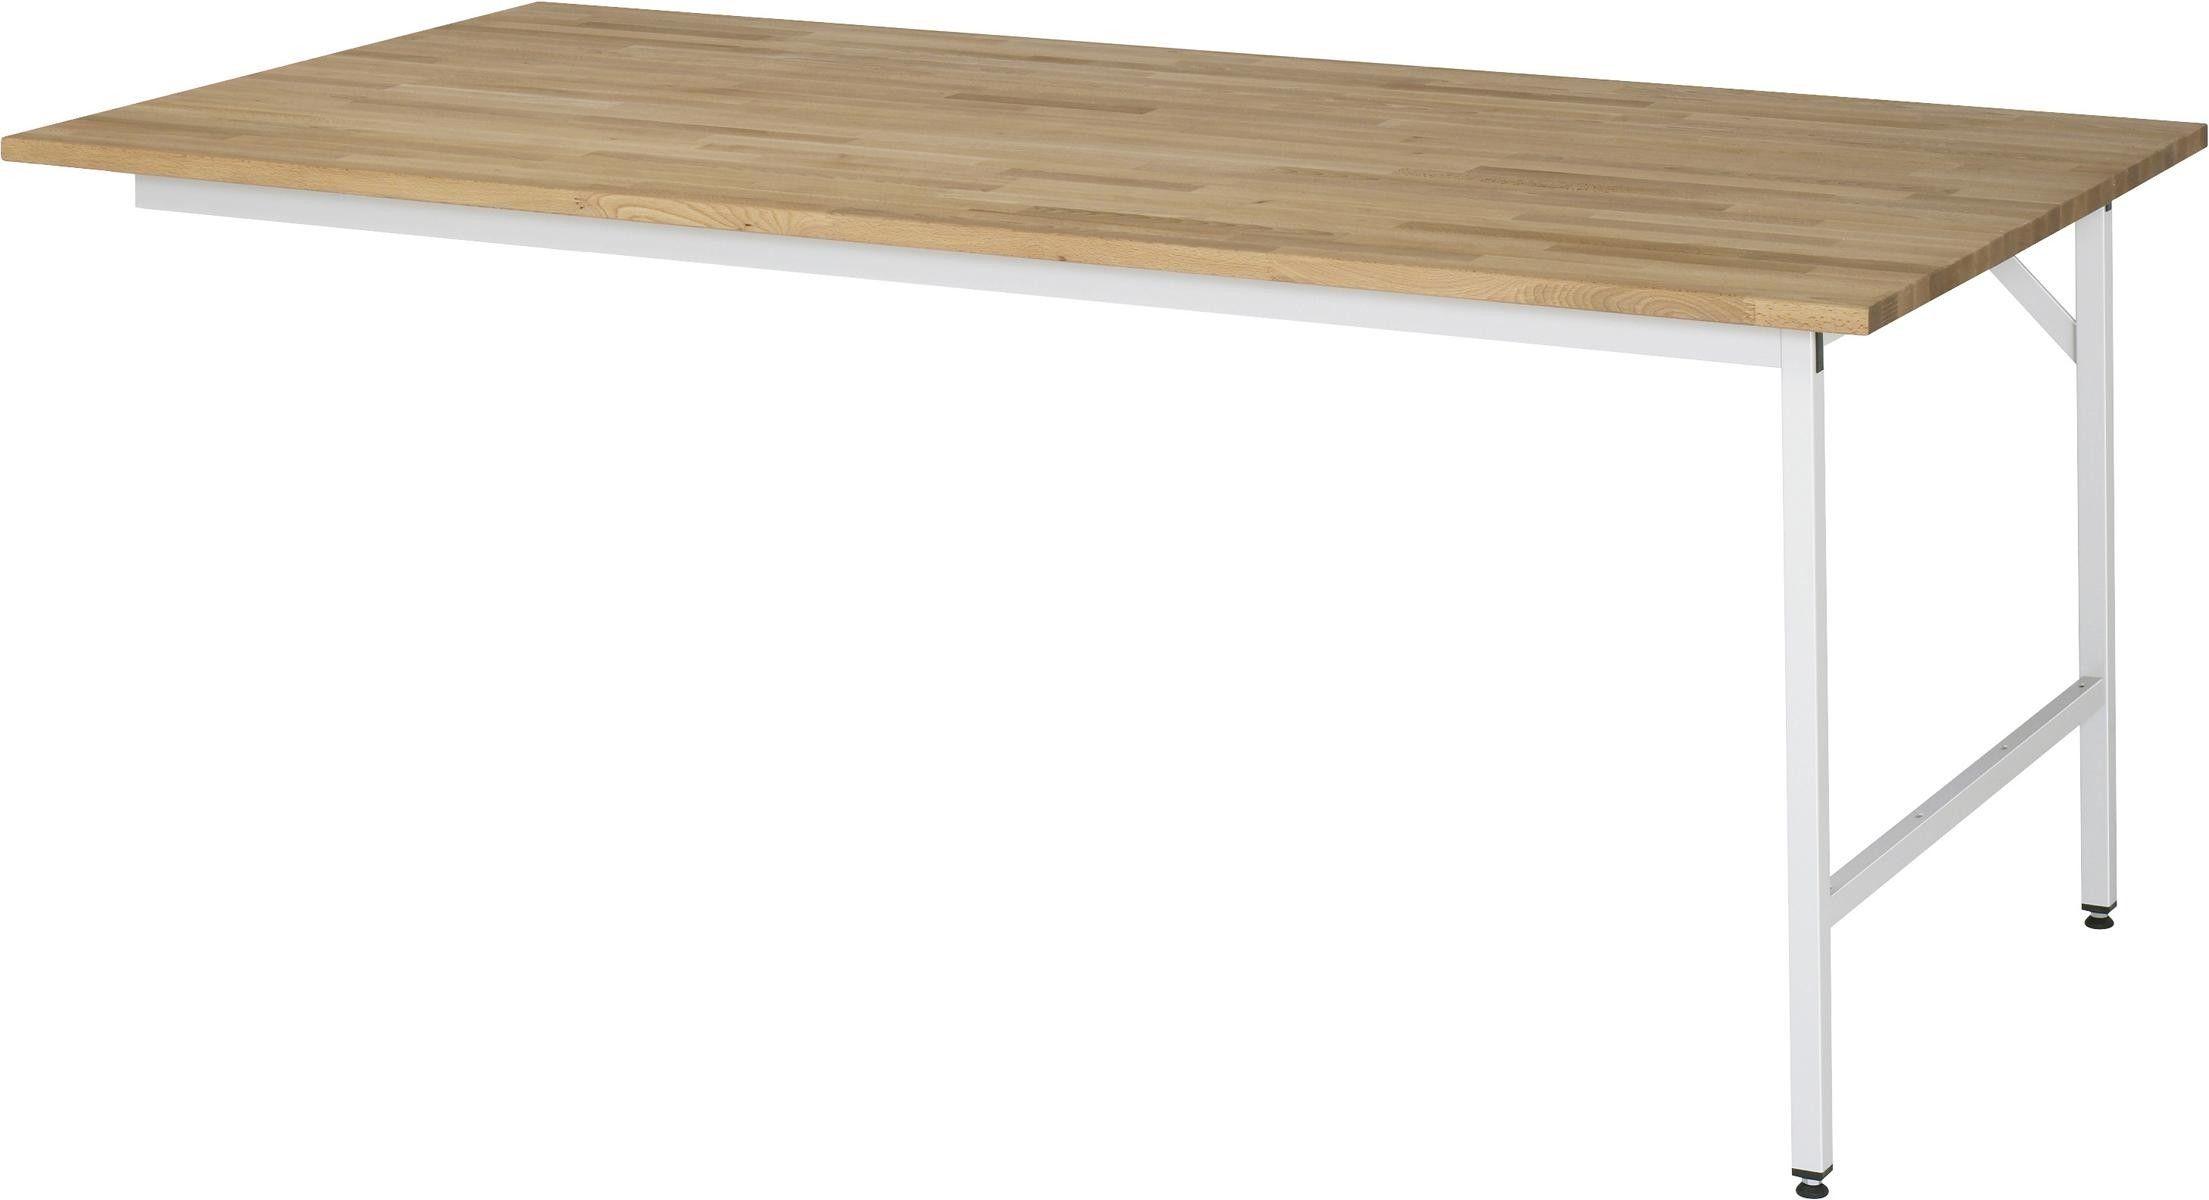 Arbeitstisch Serie Jerry Anbautisch 2000x800x800 850 Mm Buche Massiv 25mm Gtardo De In 2020 Arbeitstisch Tisch Arbeitsplatte